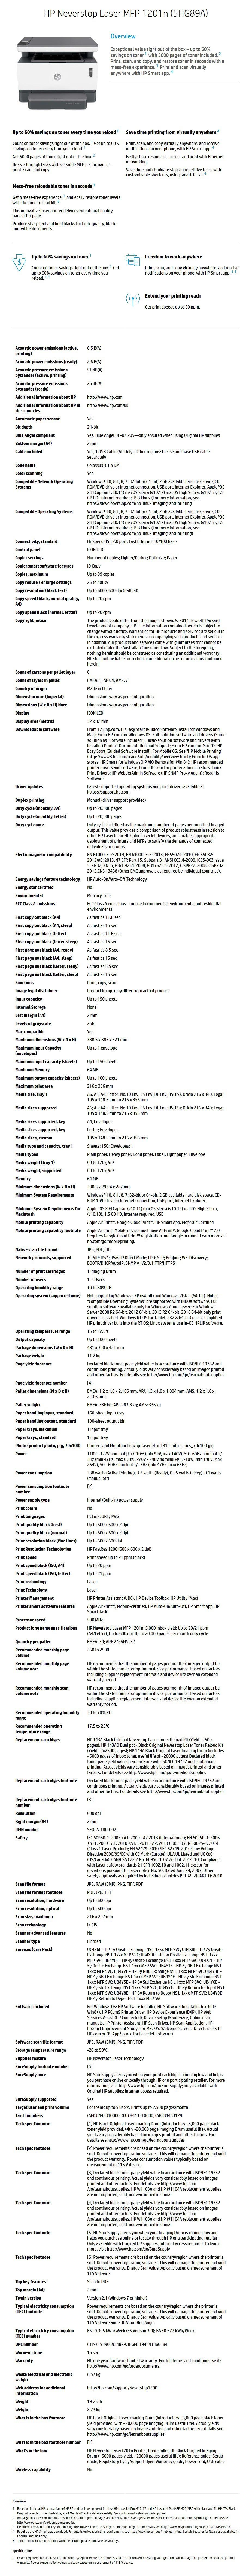 hp_neverstop_laser_mfp_1201n_wired_multifunction_laser_printer_ac39043_6.jpg